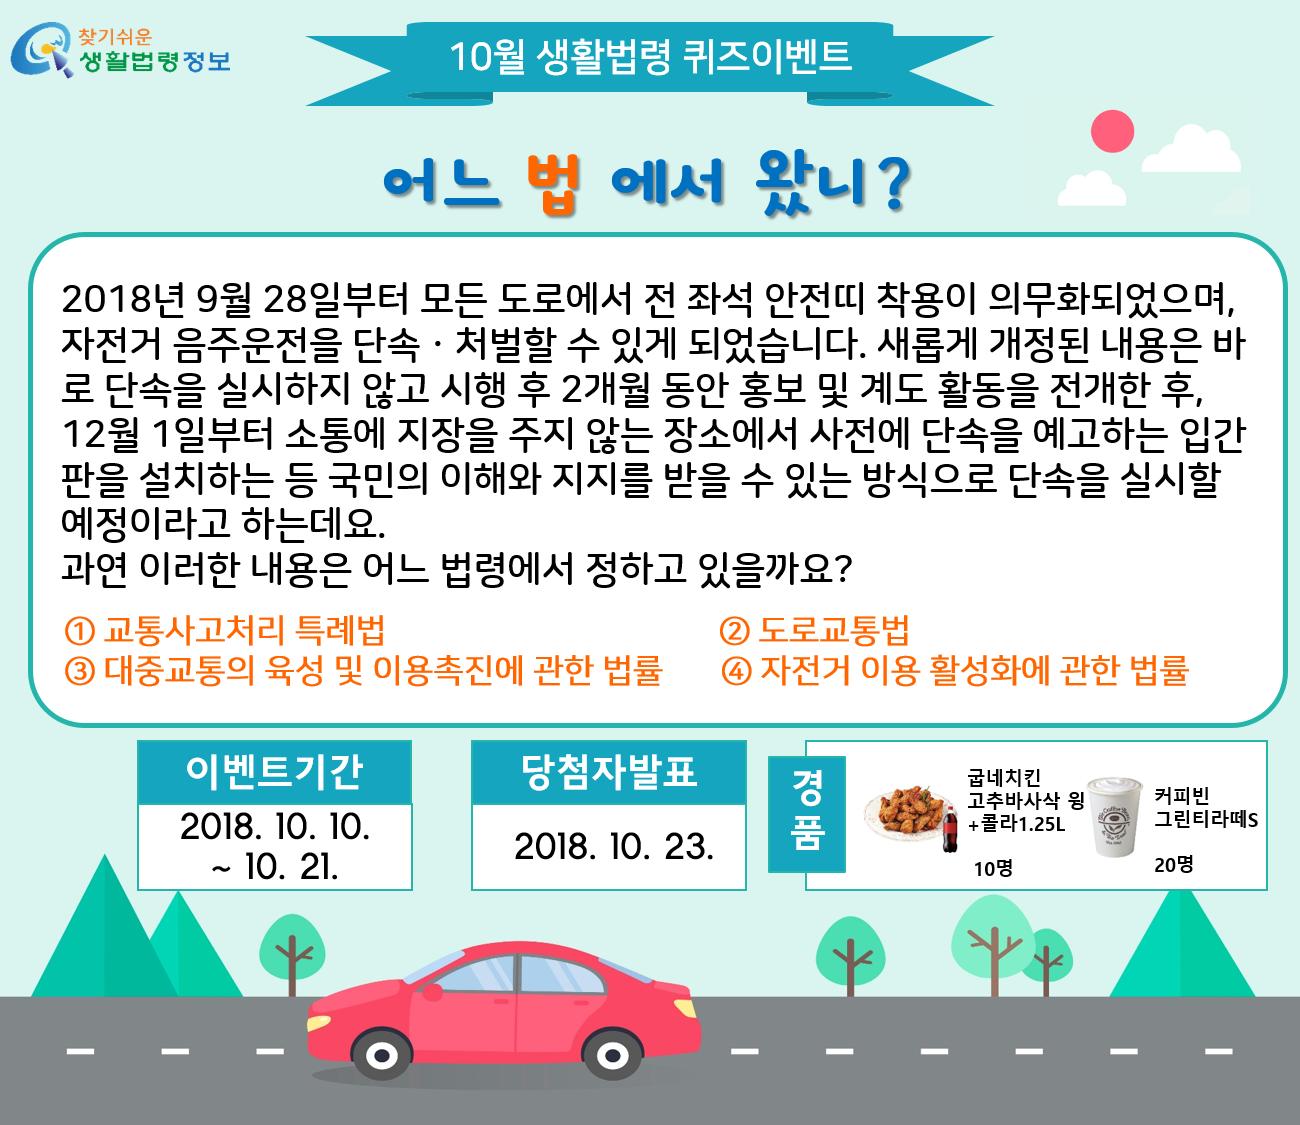 """2018년 10월 생활법령 퀴즈 이벤트 개최 """"어느 법에서 왔니"""""""